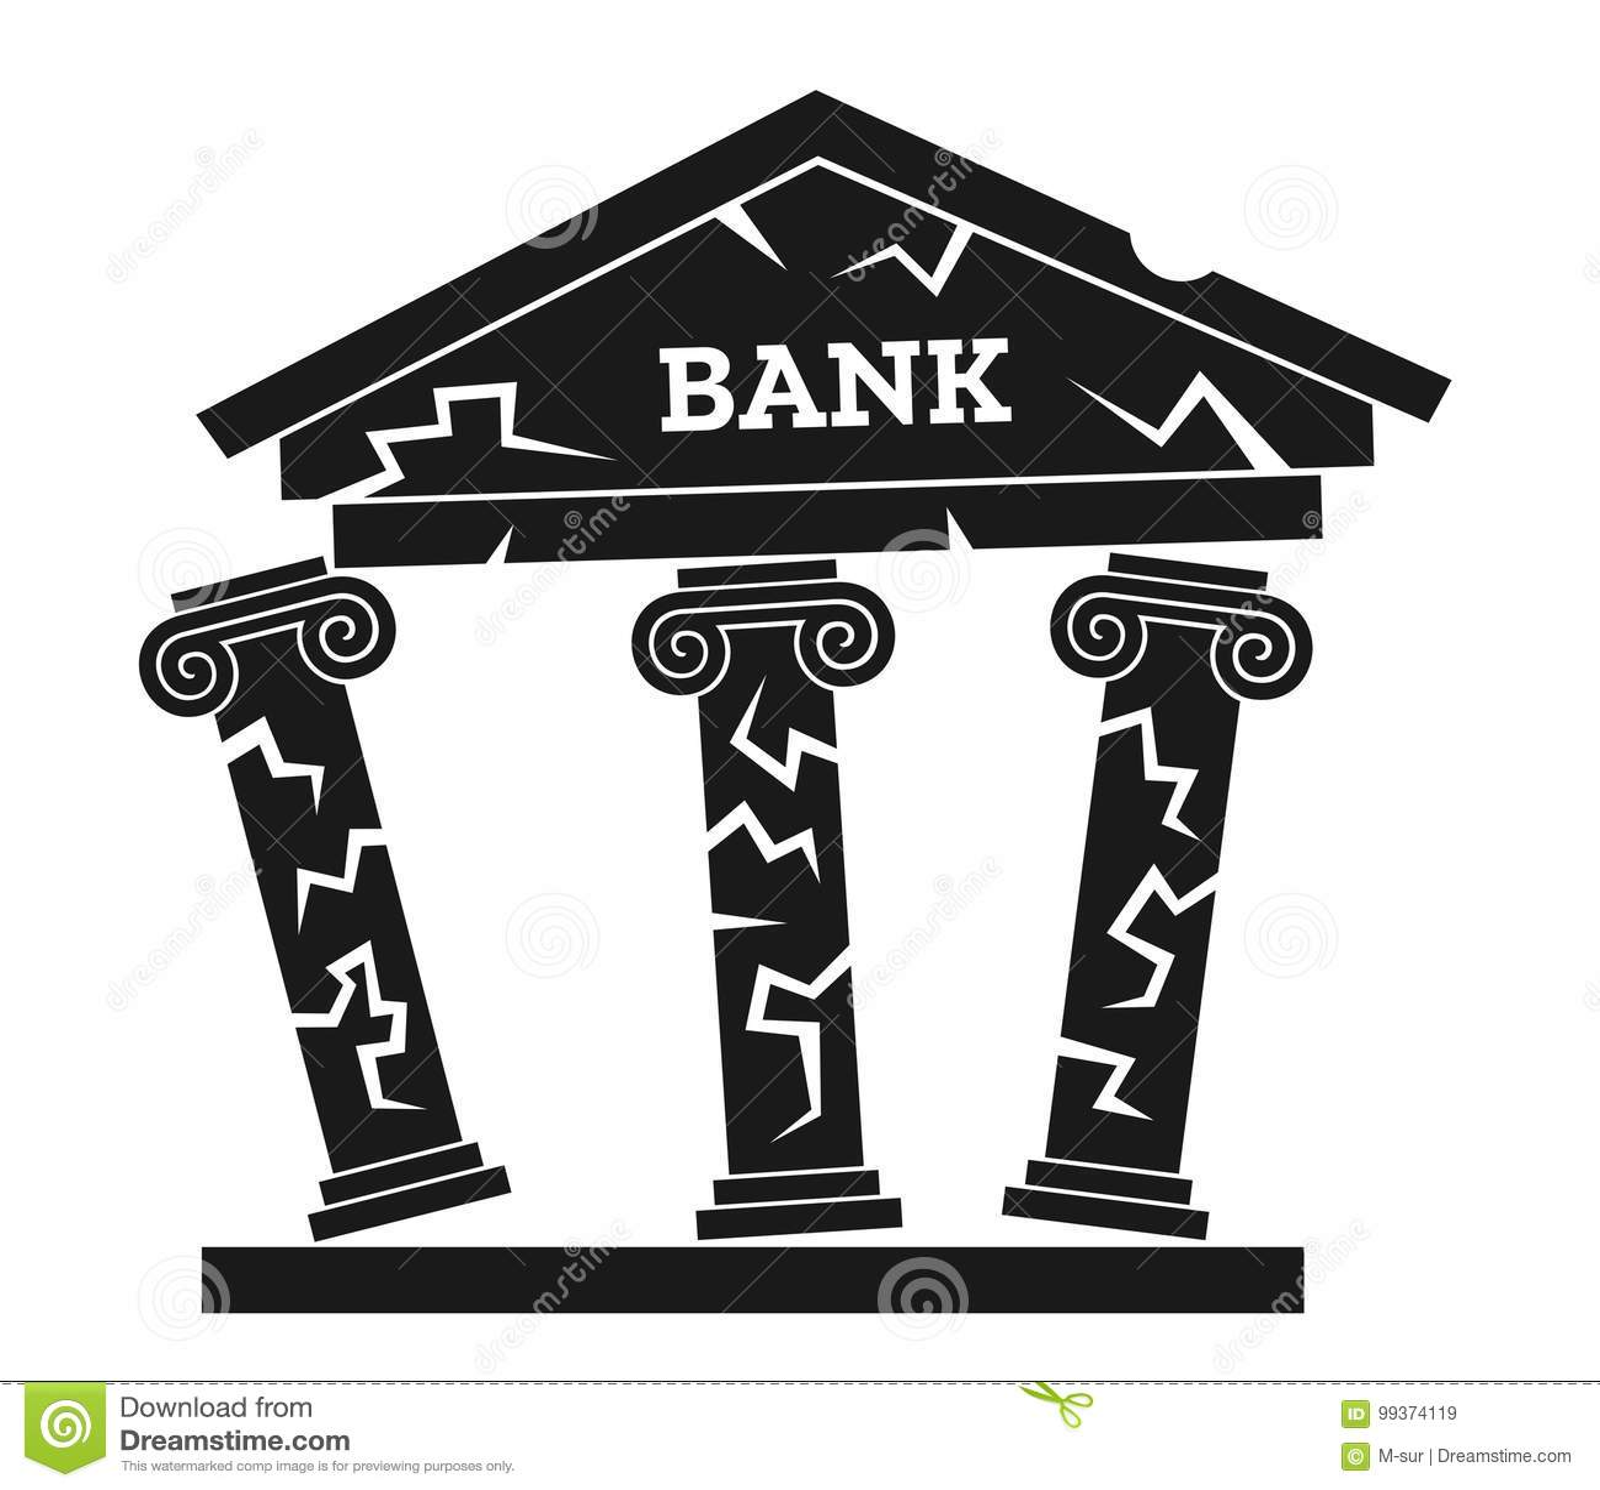 Kollaps av banken